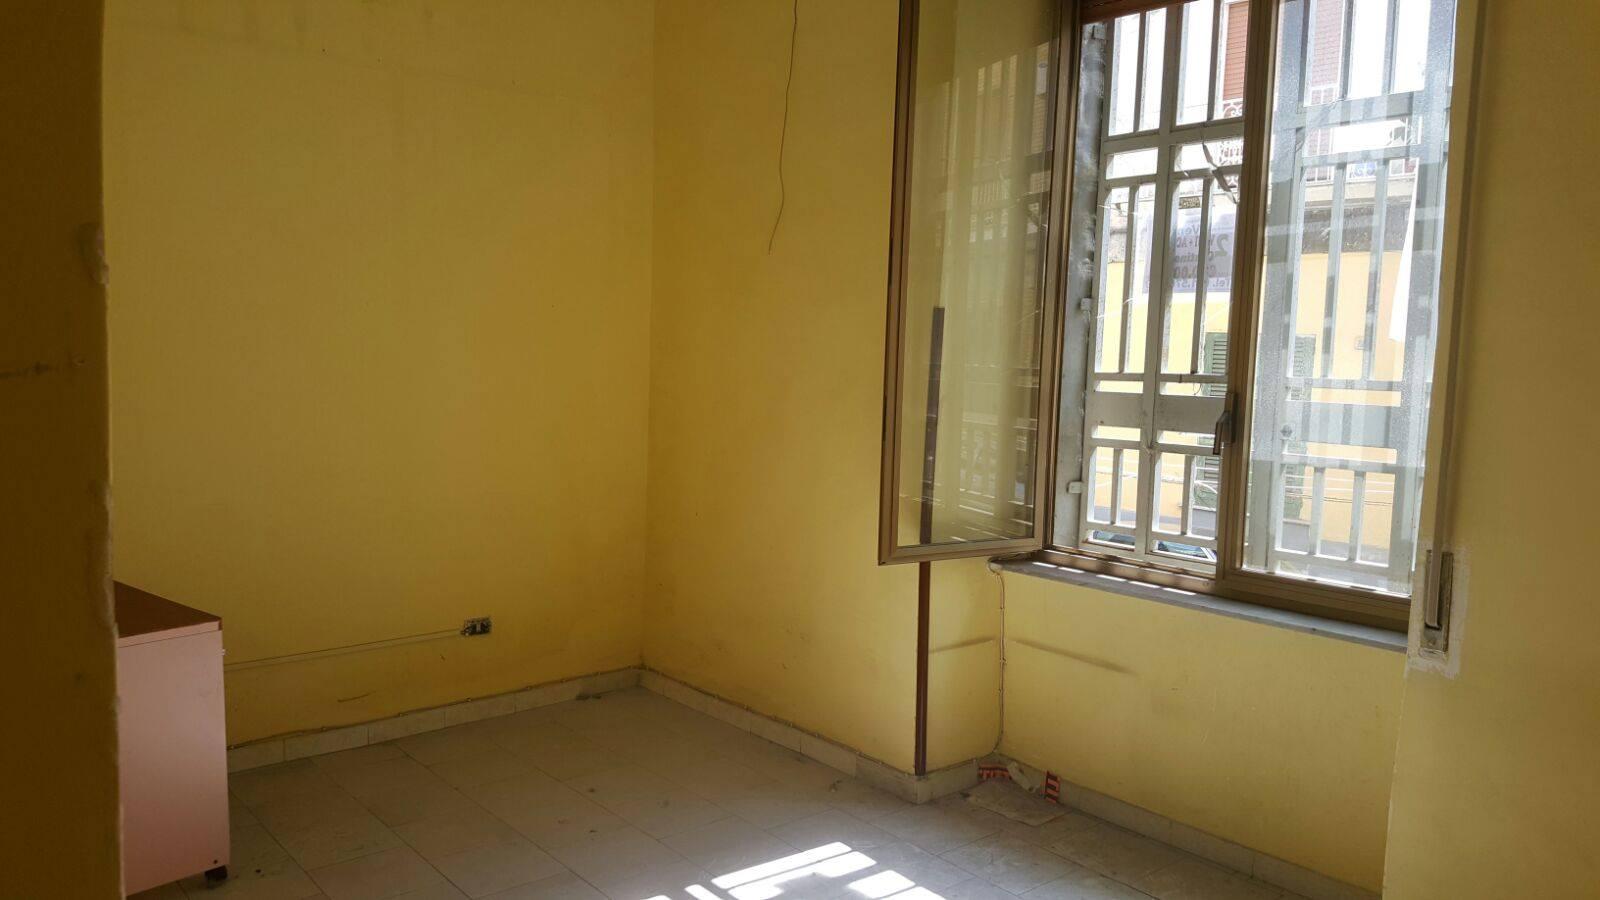 Appartamento in vendita a Napoli, 3 locali, zona Zona: 8 . Piscinola, Chiaiano, Scampia, prezzo € 74.000   Cambio Casa.it